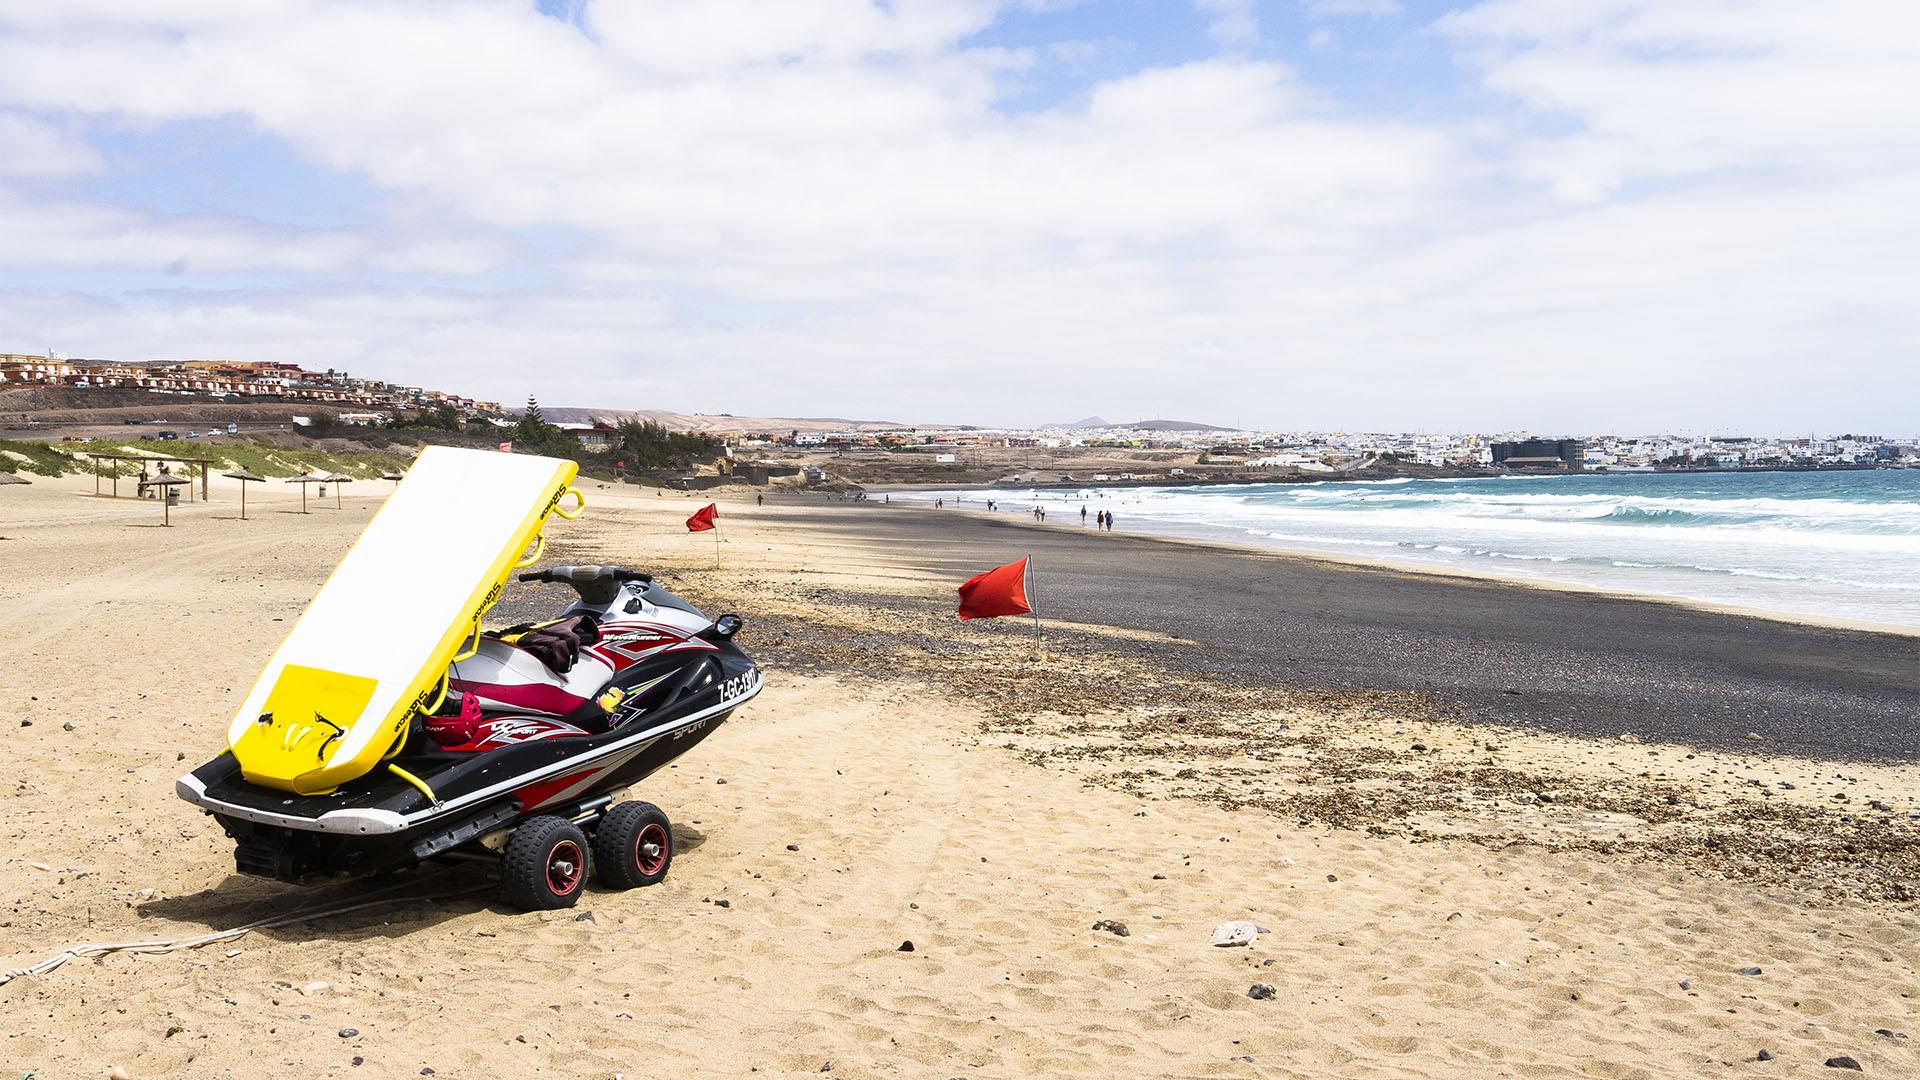 Sicherheit auf Fuerteventura: Jet Ski der Rettungsschwimmer am Playa blanca Puerto del Rosario.